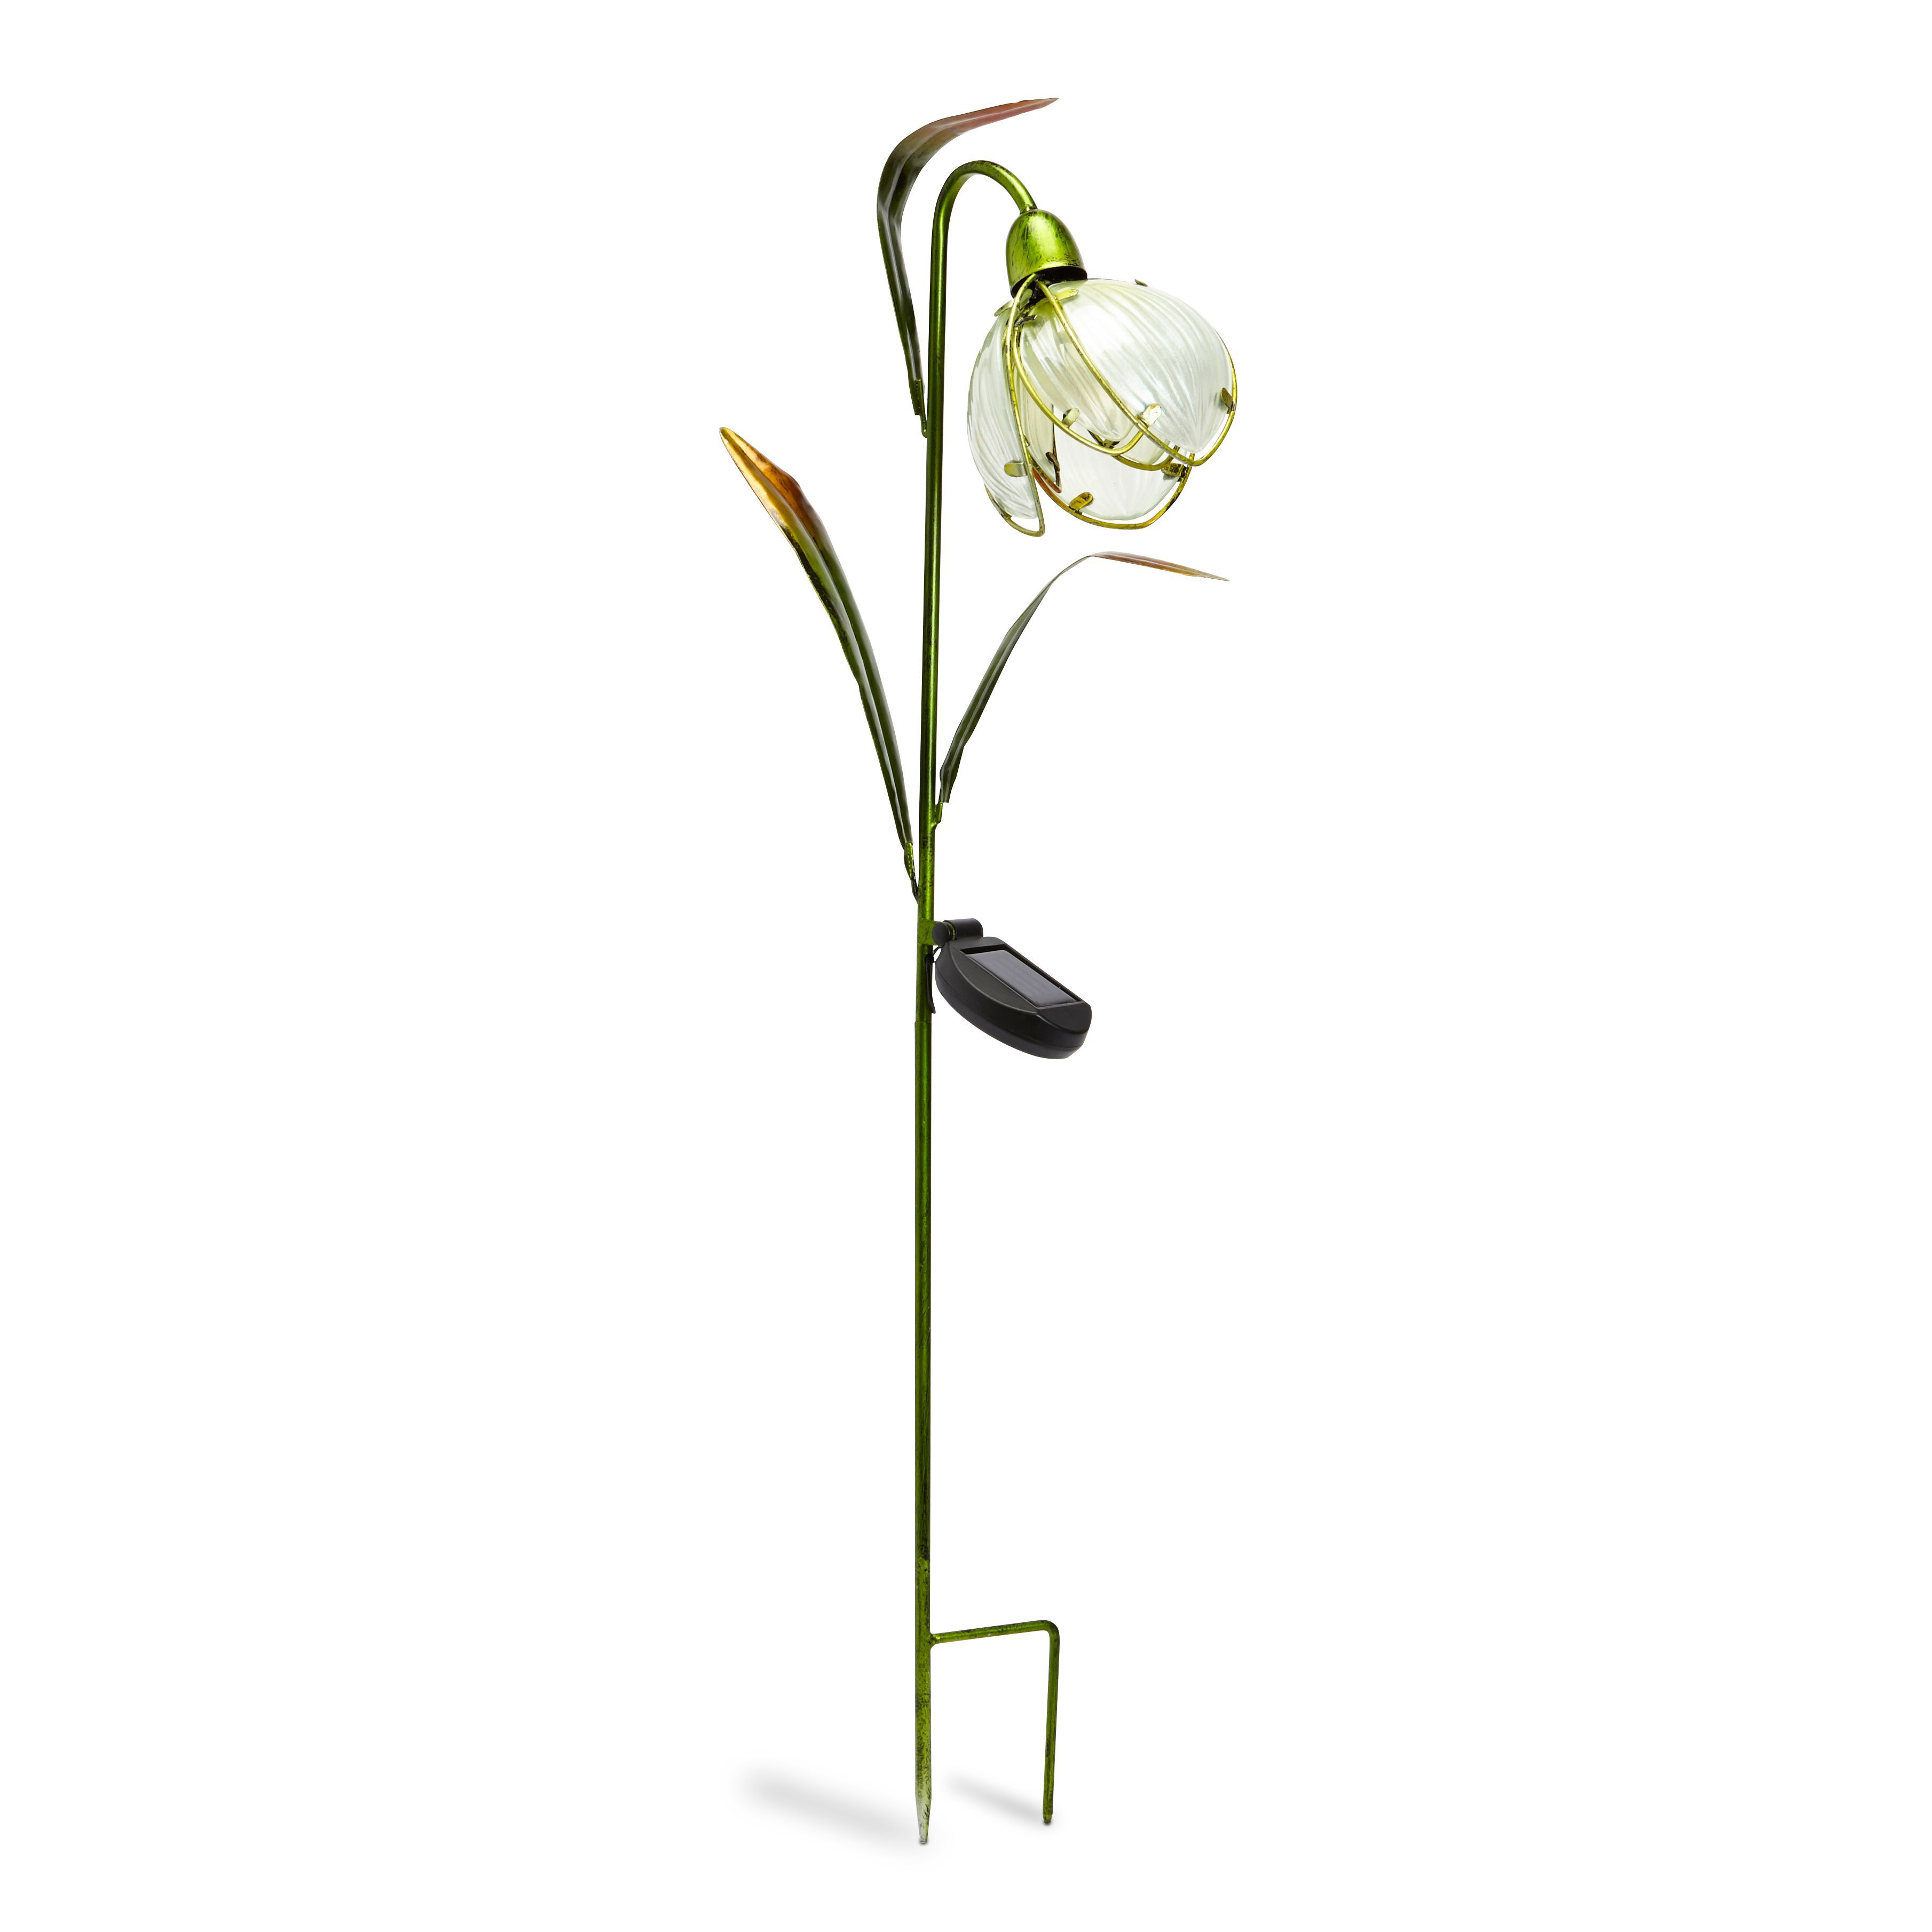 Solar Lights B Q: Smart Solar White Snowdrop Flower Solar Powered LED